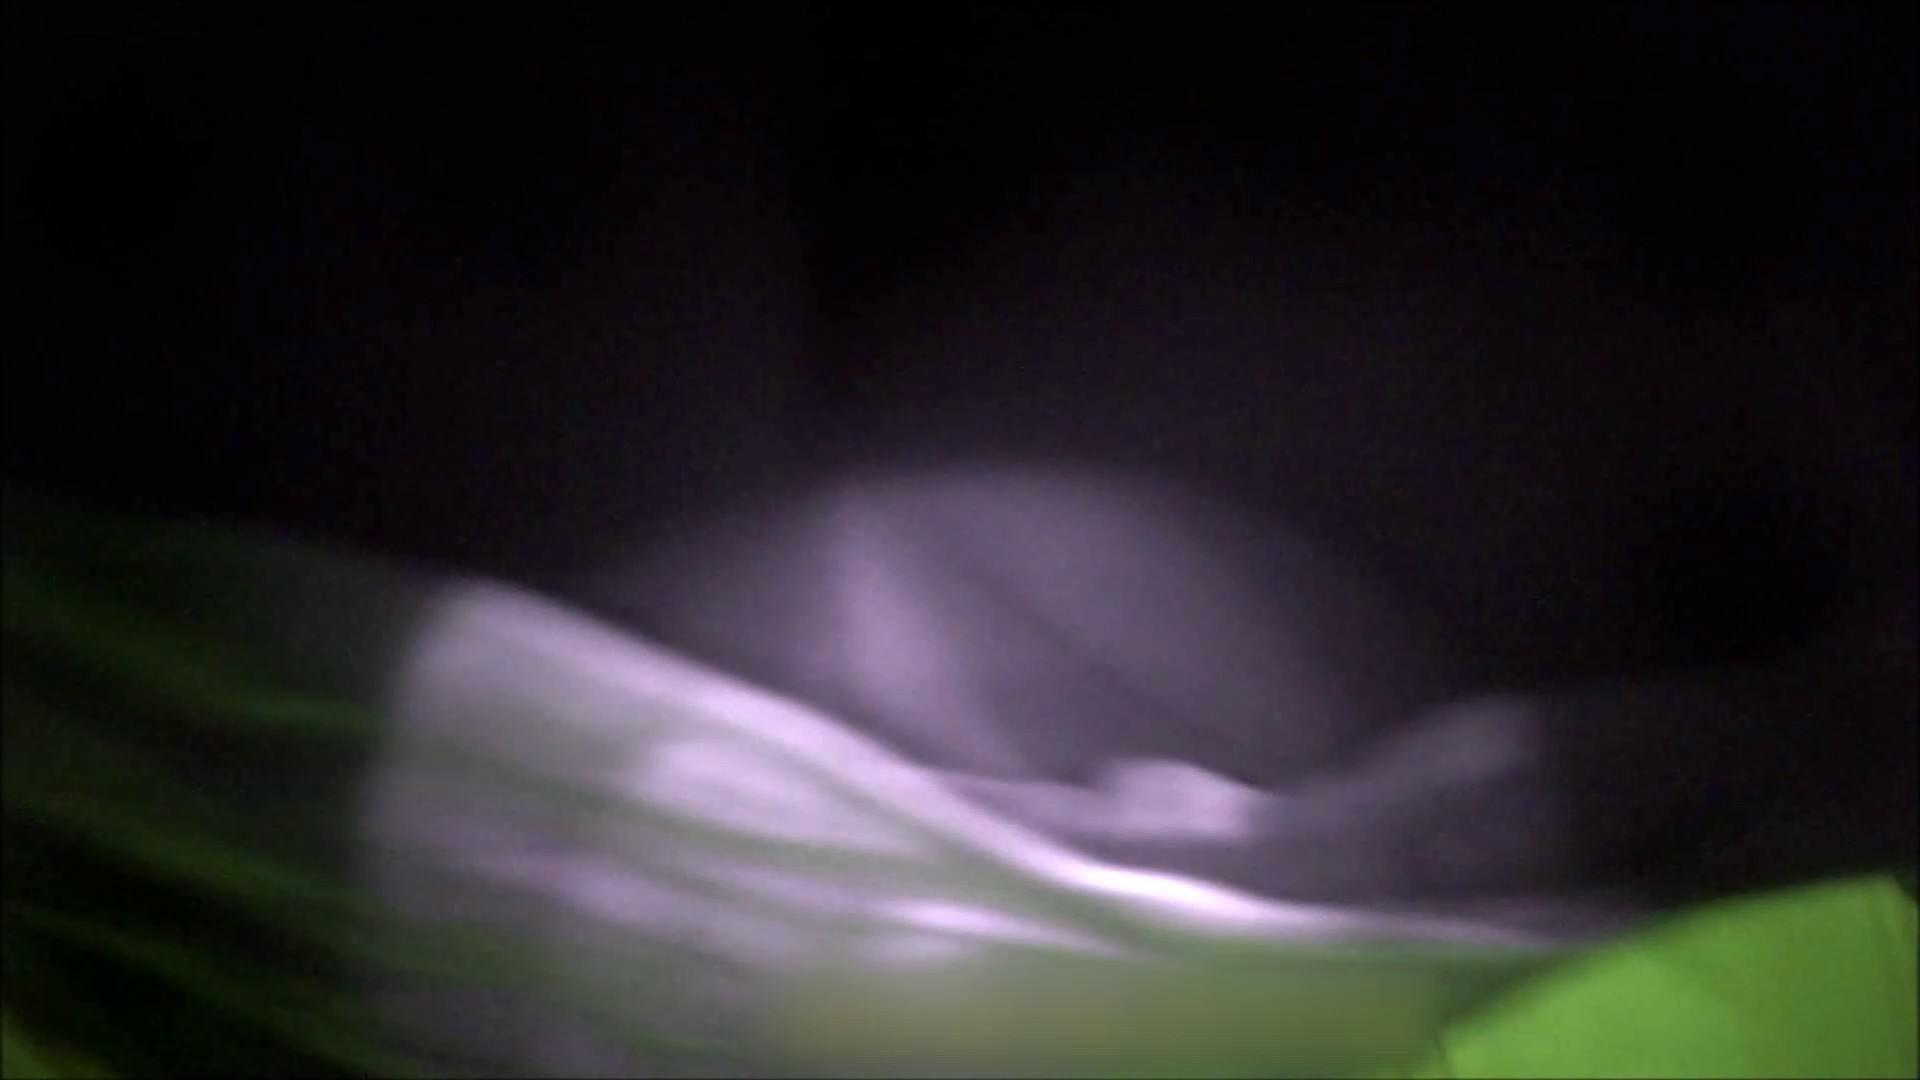 美人店員パンチラ盗撮Vol.09 お姉さんのSEX アダルト動画キャプチャ 93枚 53